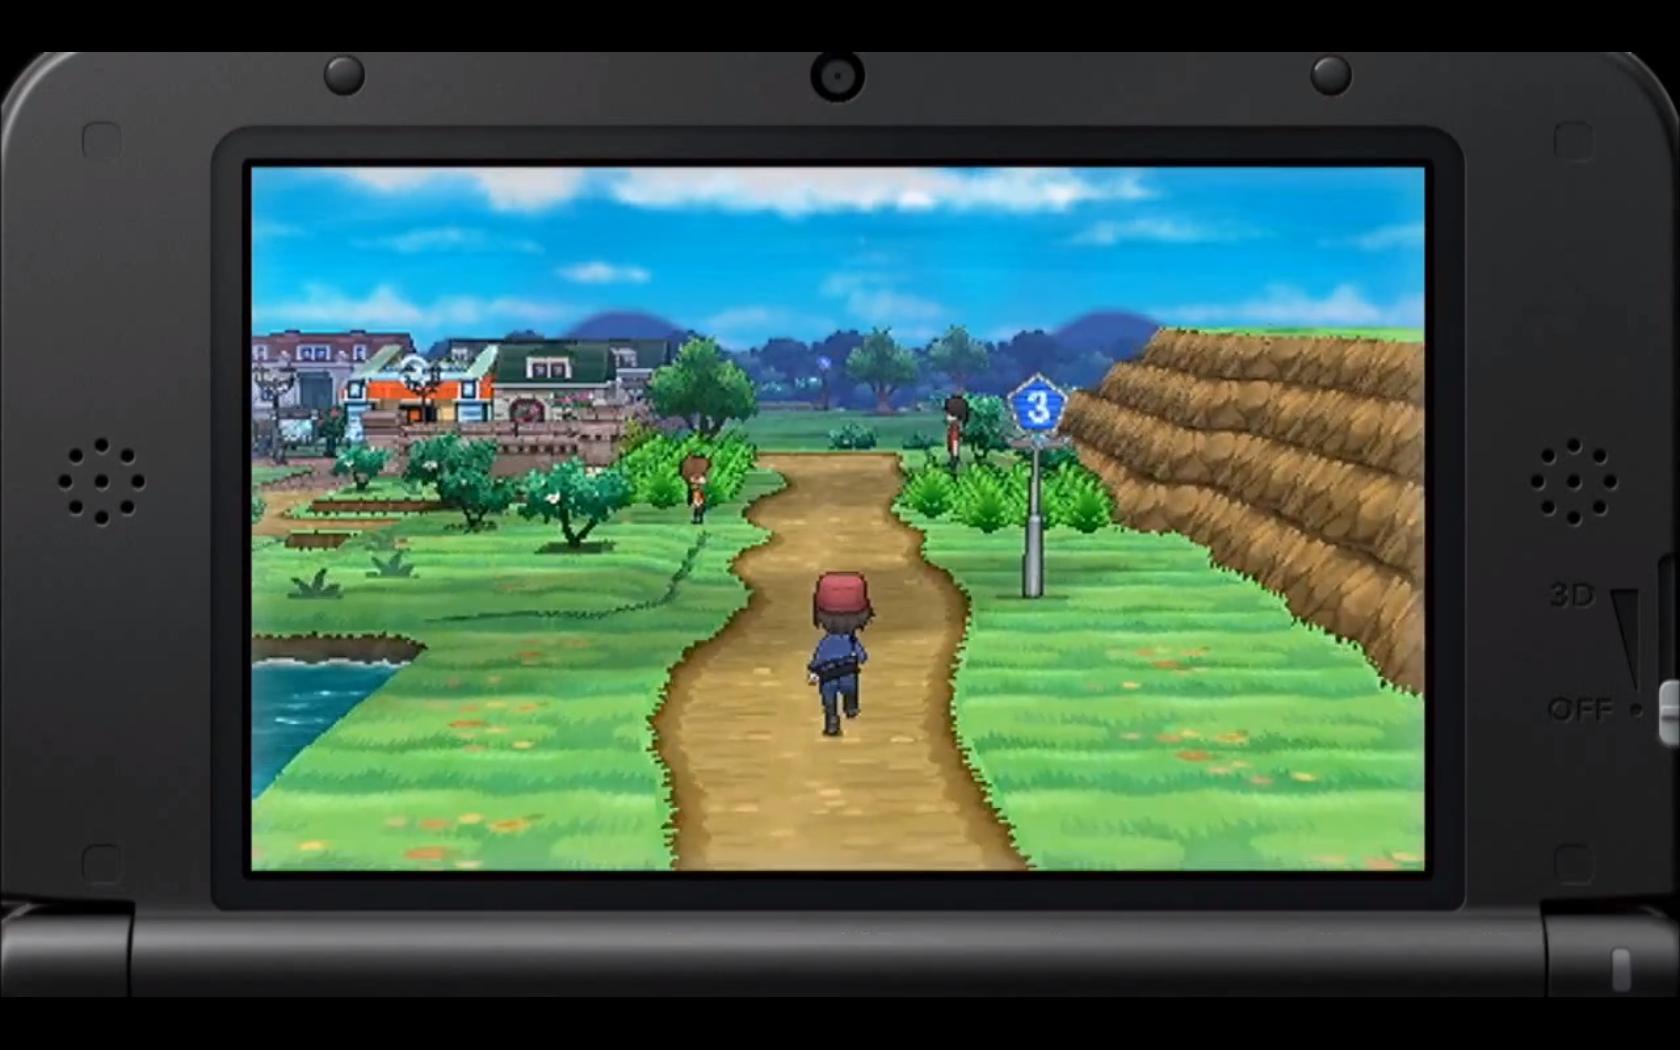 pokemon x character customization guide